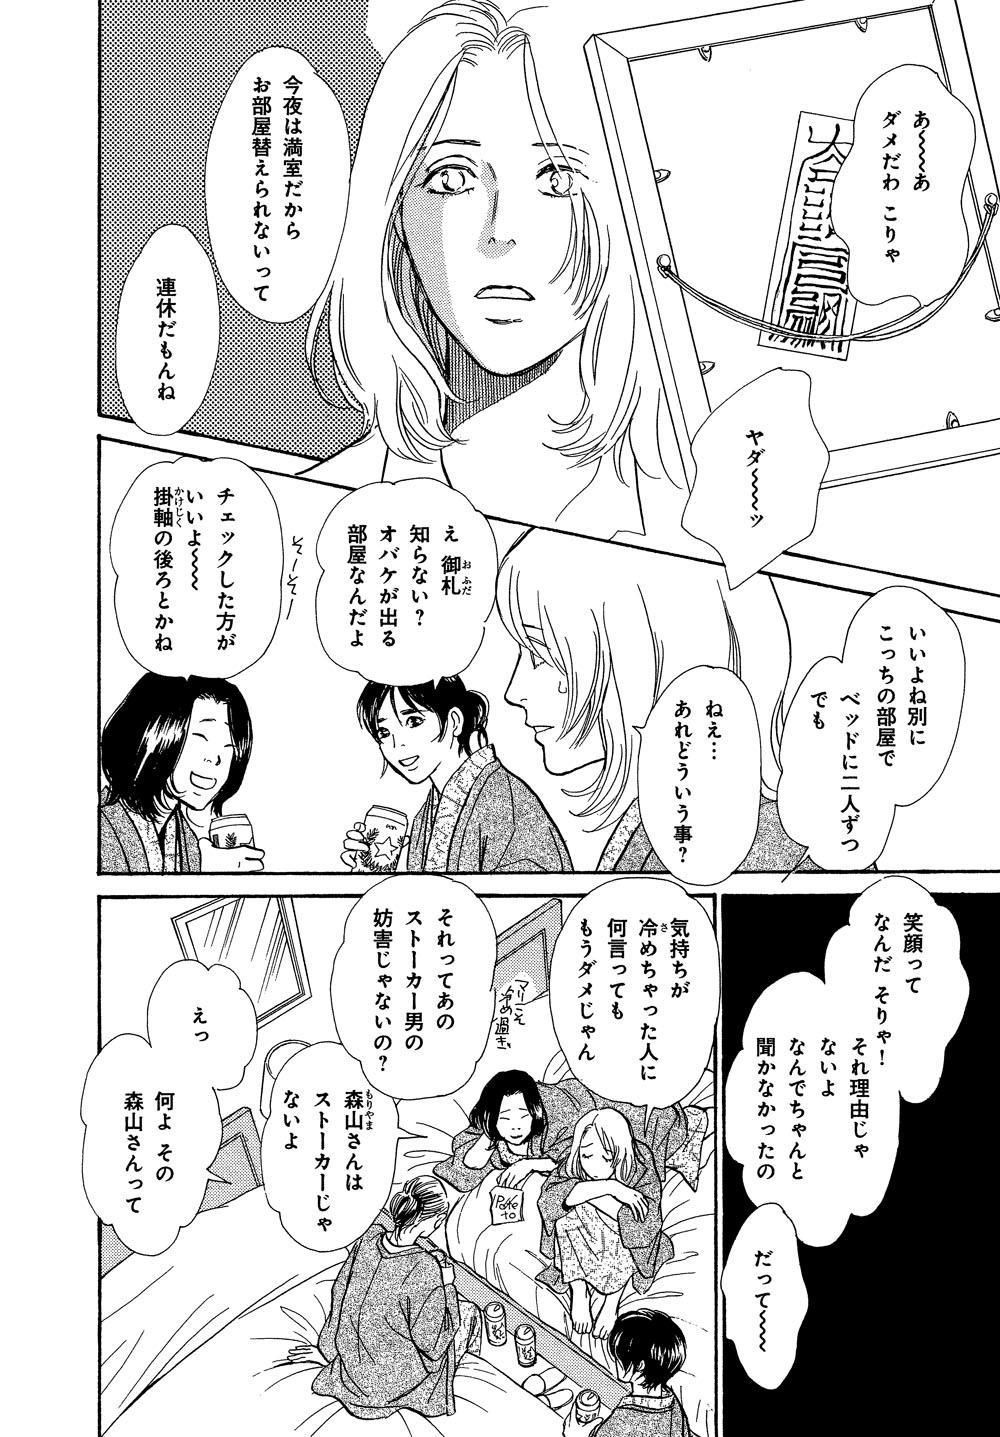 hyakki_0020_0014.jpg